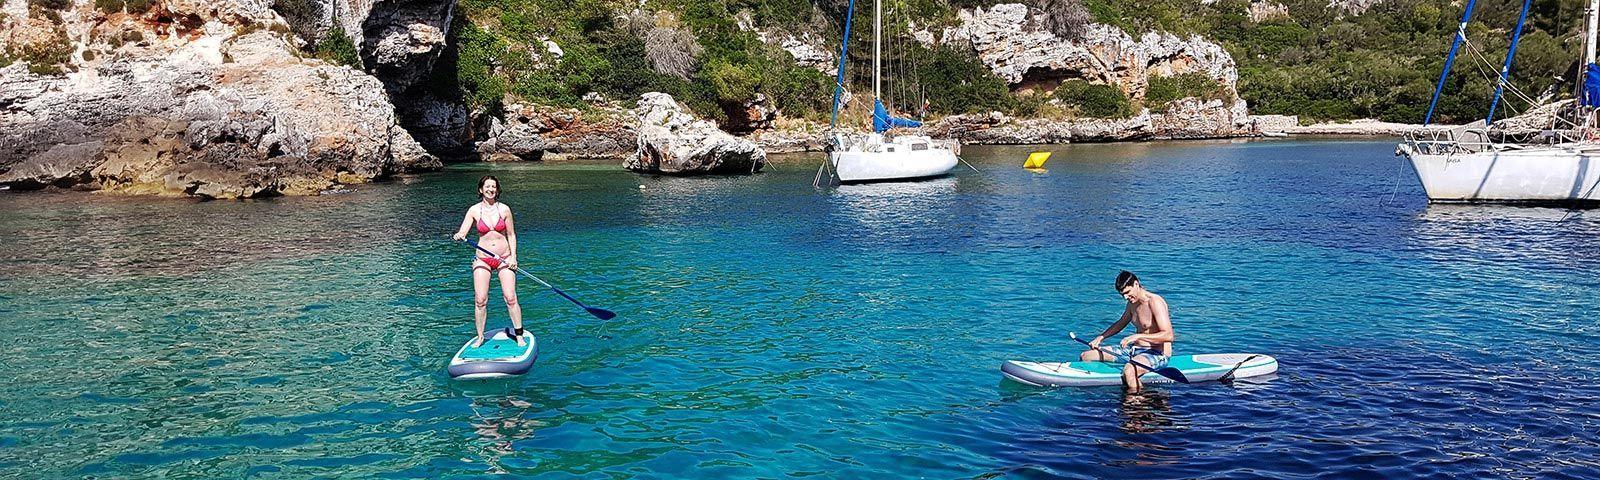 viaje-menorca-velero-cales-coves